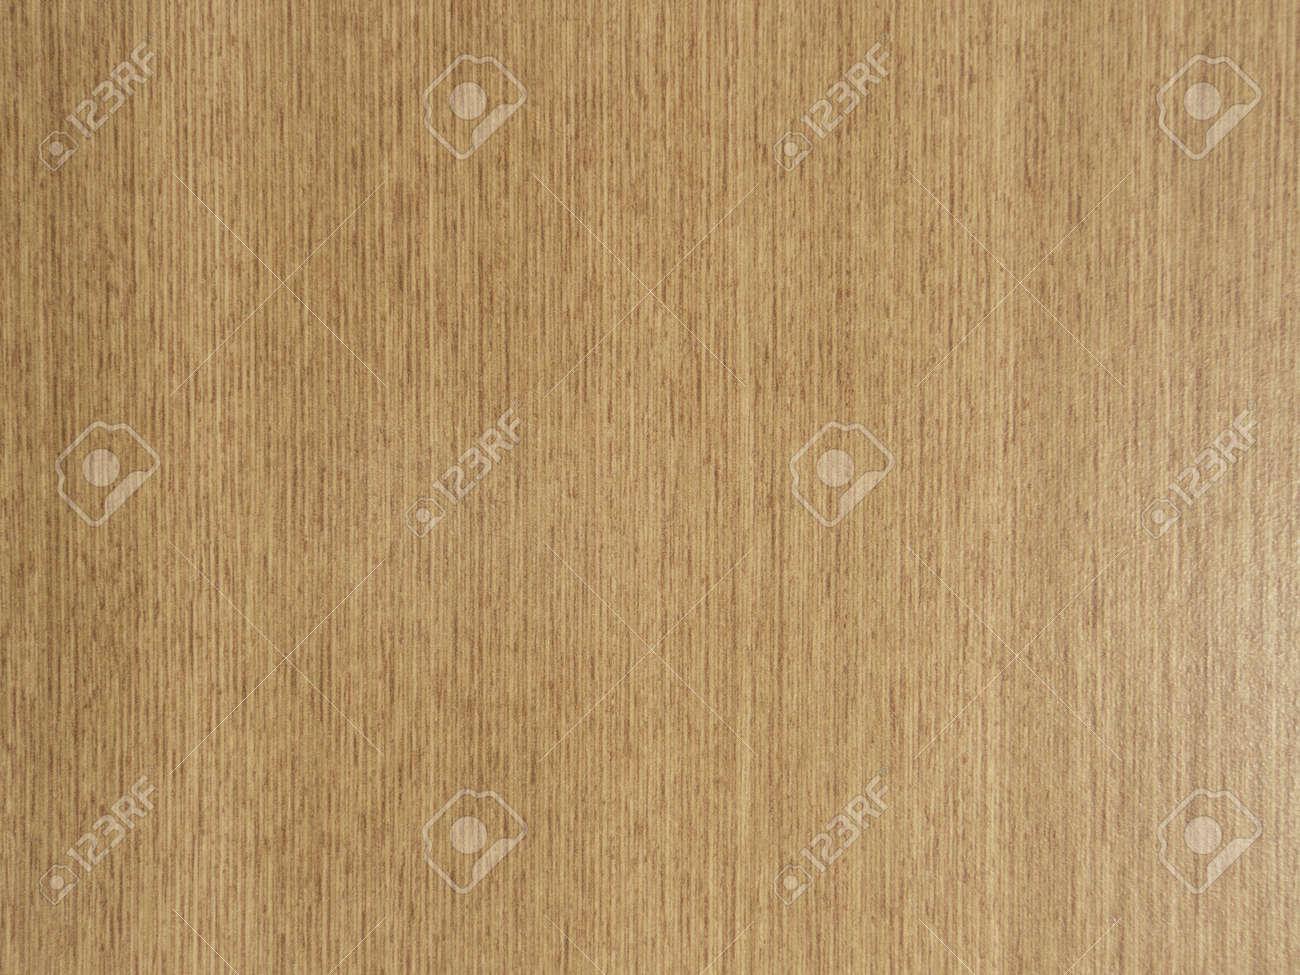 Wood desk background Stock Photo - 21070404